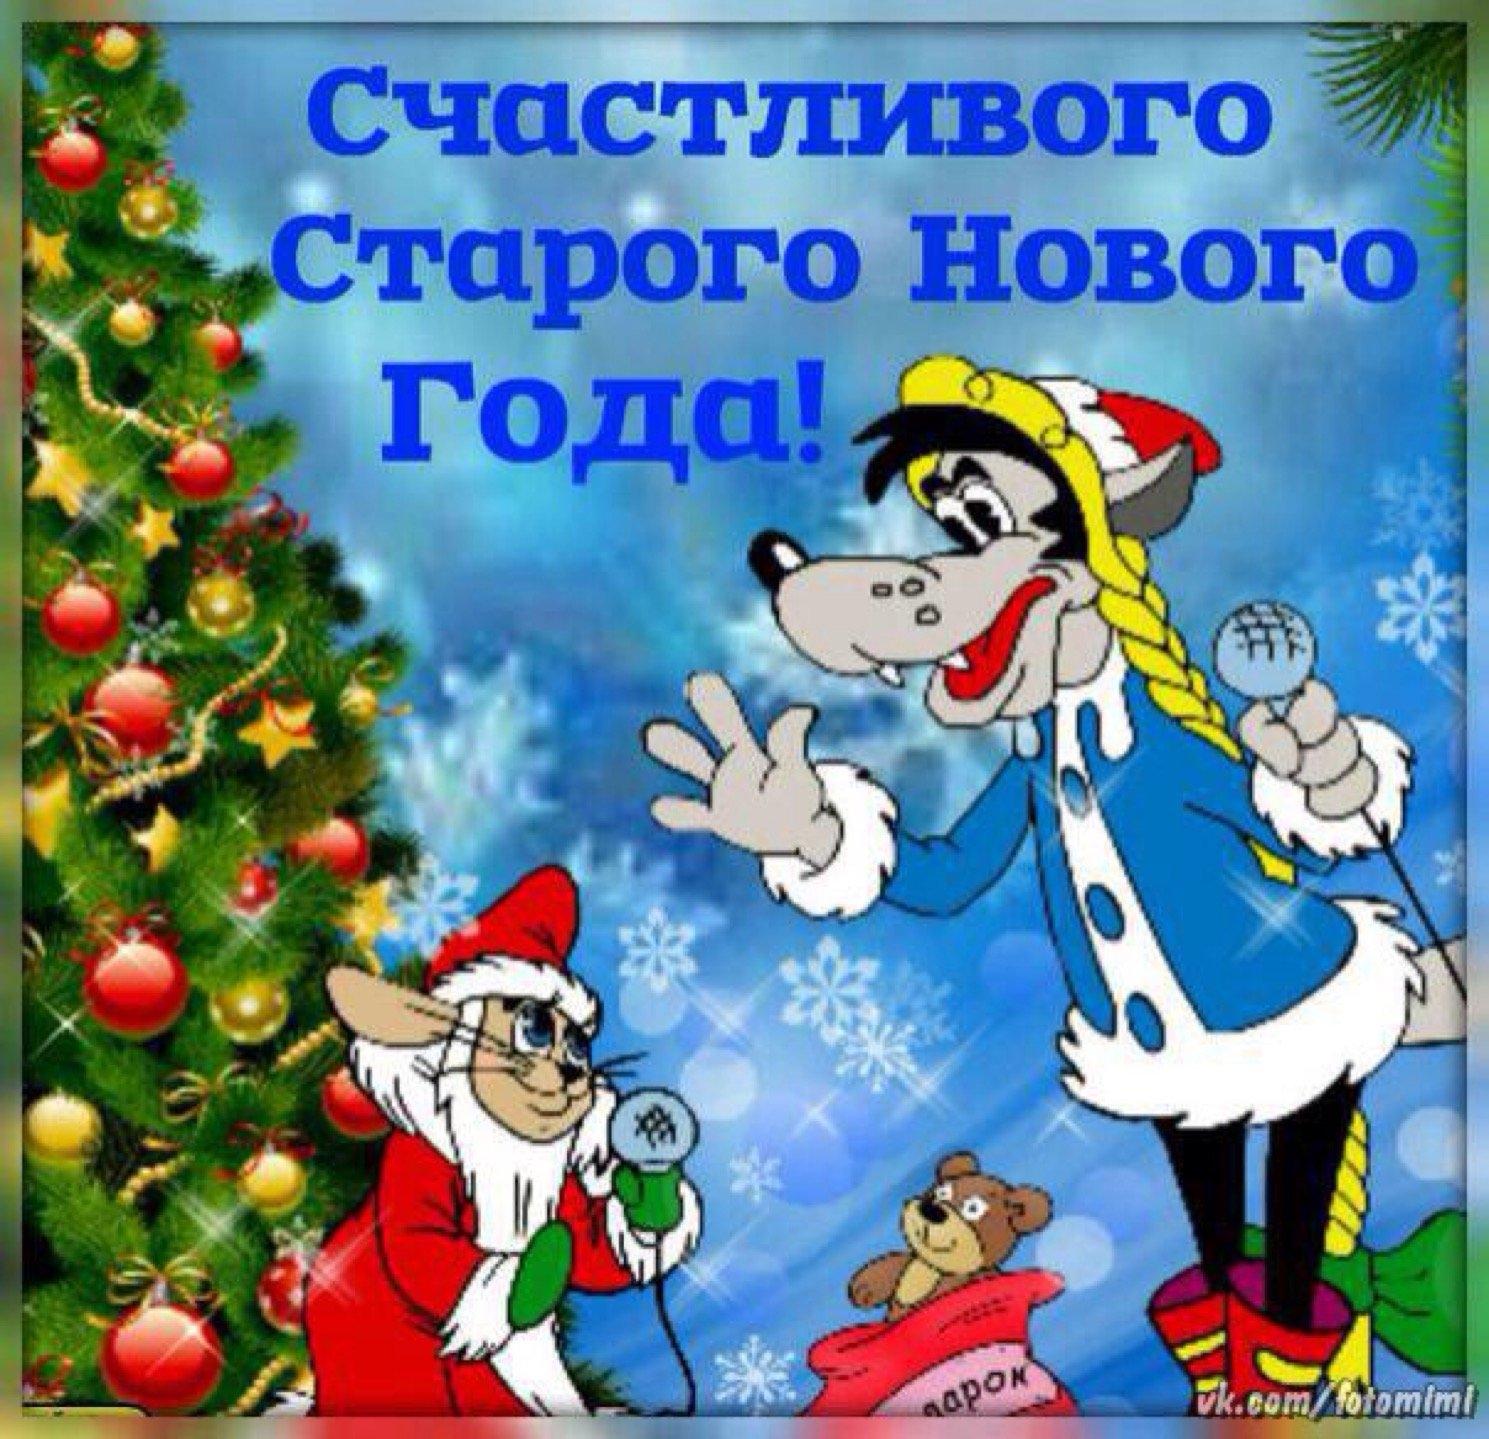 Башкирские картинки со старым новым годом, поздравления днем рождения